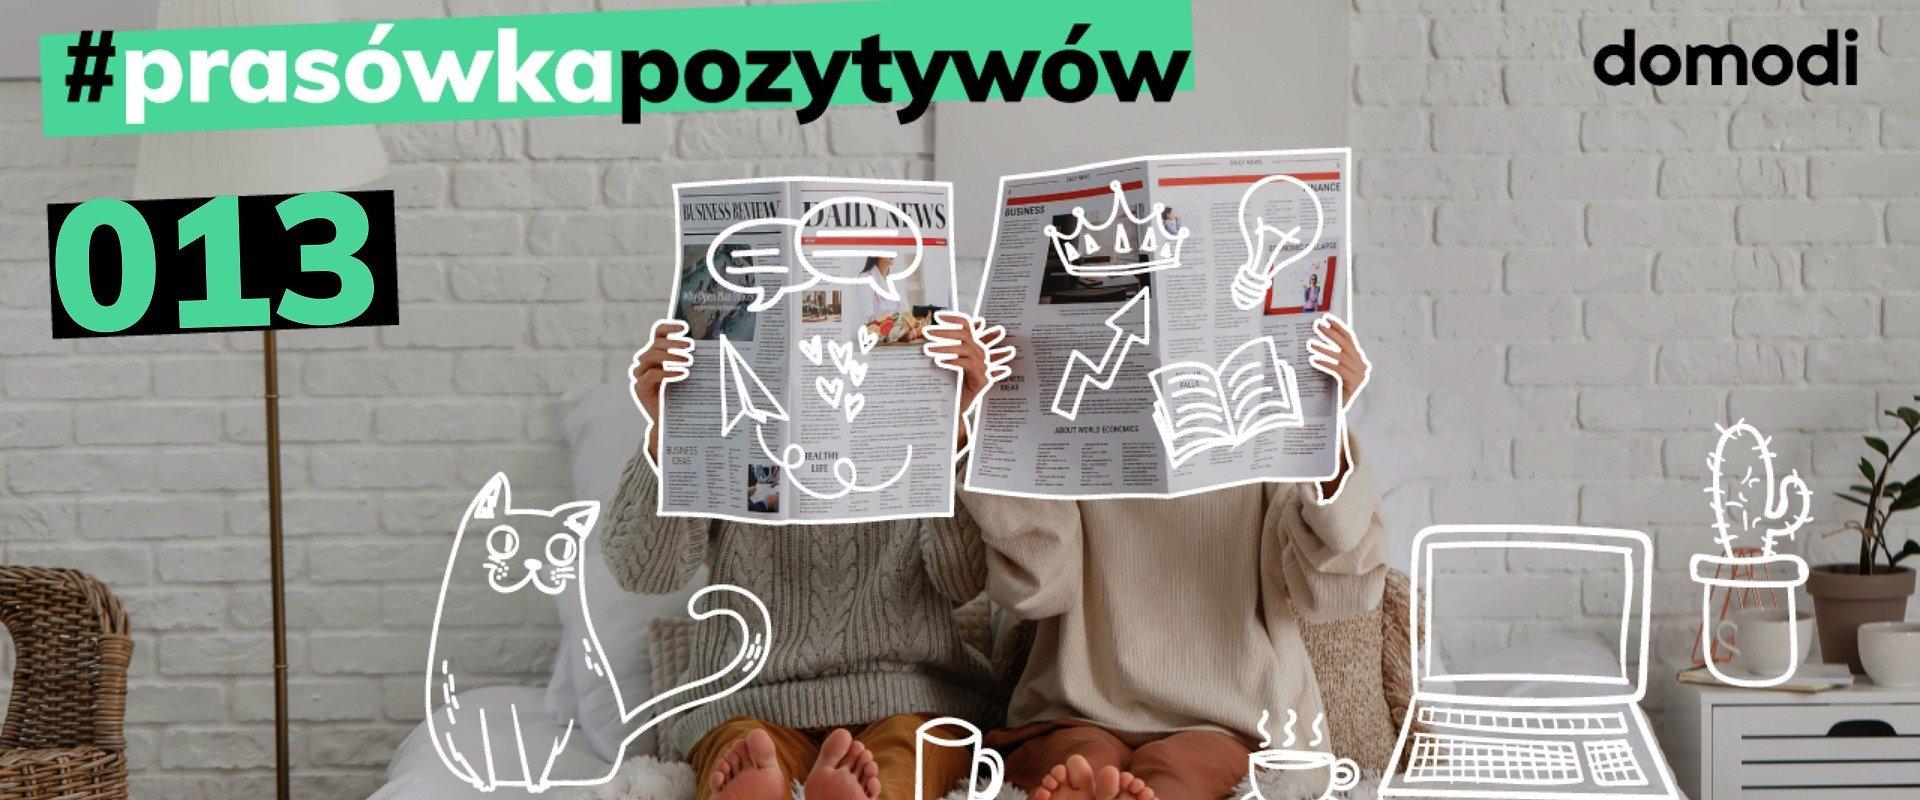 #prasówkapozytywów vol.13